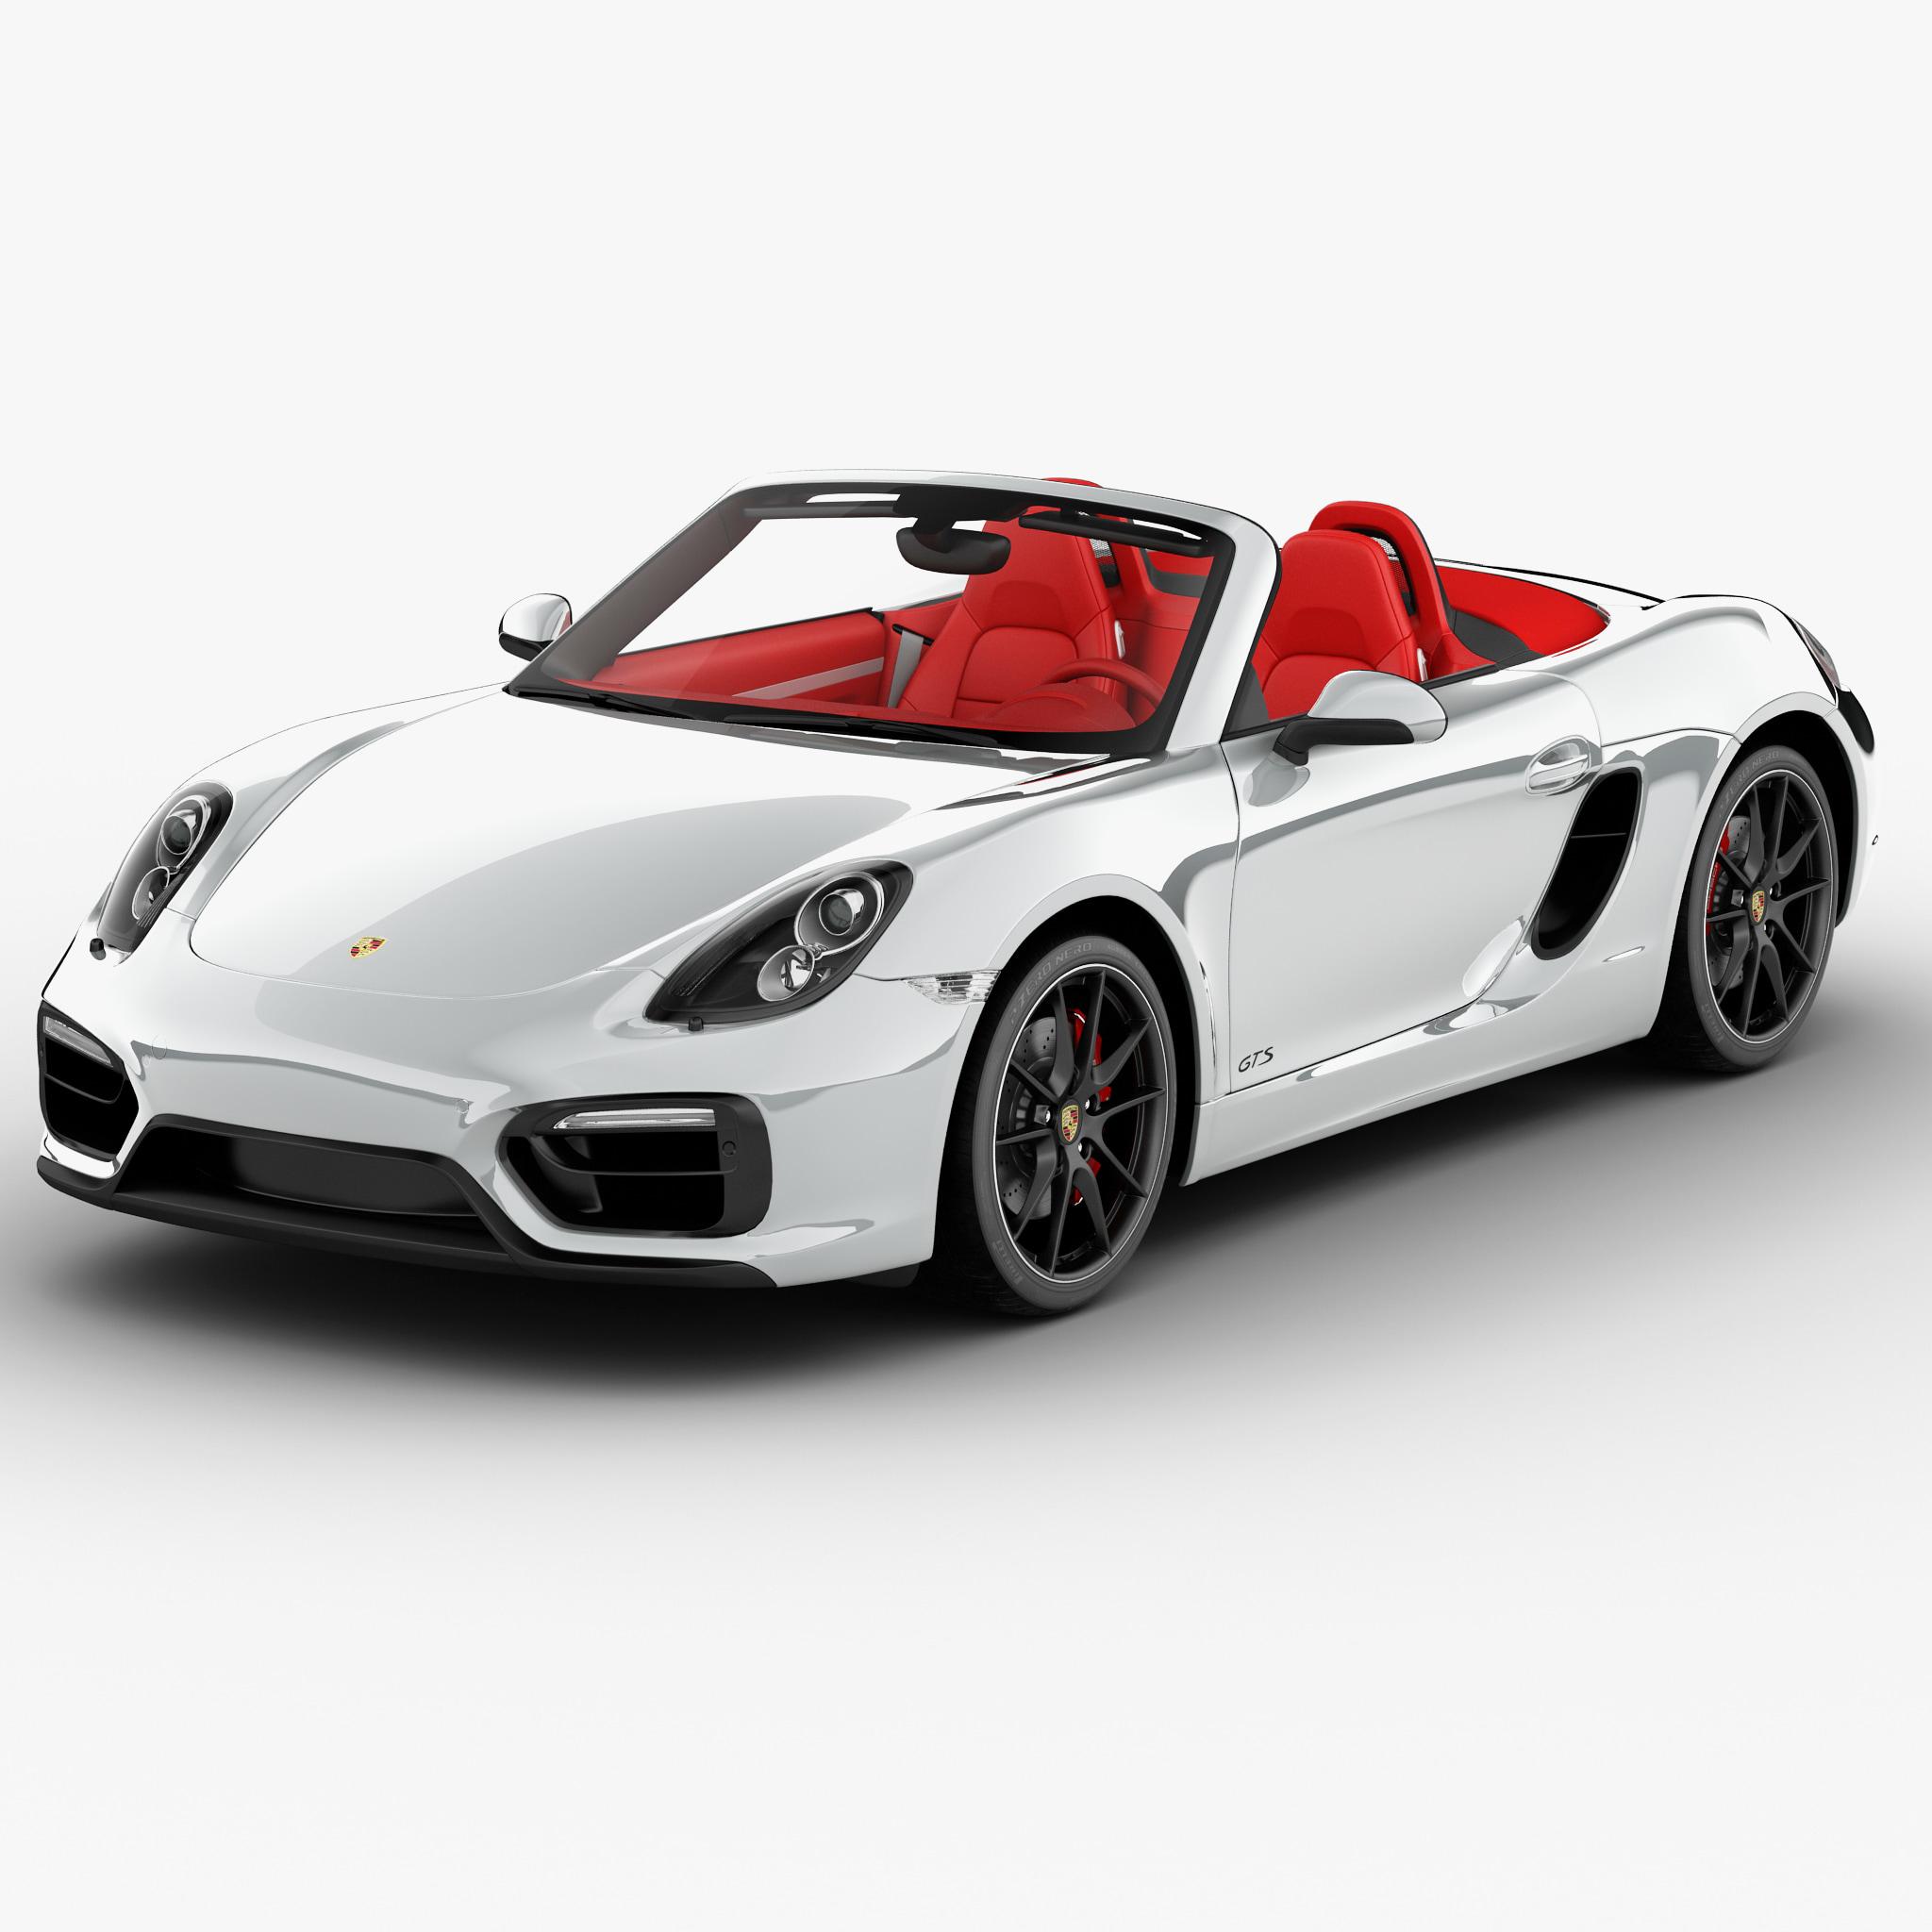 Porsche Boxster Car: Max Porsche Boxster Gts 2015